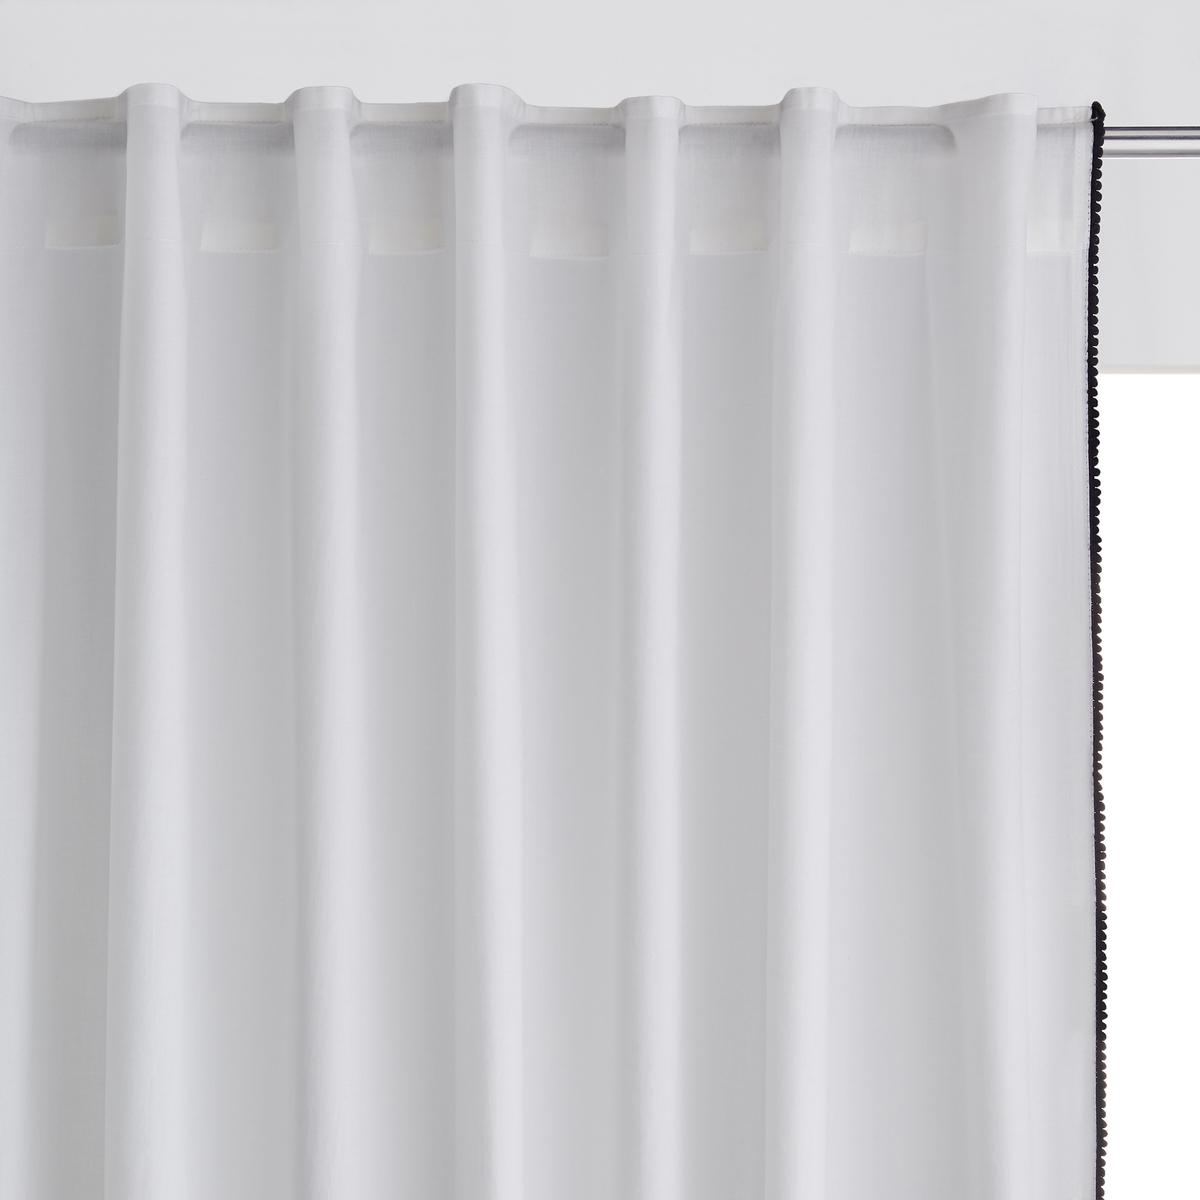 Штора тонкая с кисточками, PomponХарактеристики шторы  :Материал : брезентовая ткань, 100% хлопокПодшитый низ. Отделка скрытыми клапанами. Описание кисточек по бокам. Контрастного цвета. Уход: : Машинная стирка при 40 °С.Размеры шторы : 180 x 140 см. 250 x 140 см. 350 x 140 см.Знак Oeko-Tex® гарантирует, что товары прошли проверку и были изготовлены без применения вредных для здоровья человека веществ.Уход: :Следуйте рекомендациям по уходу, указанным на этикетке изделия.<br><br>Цвет: экрю